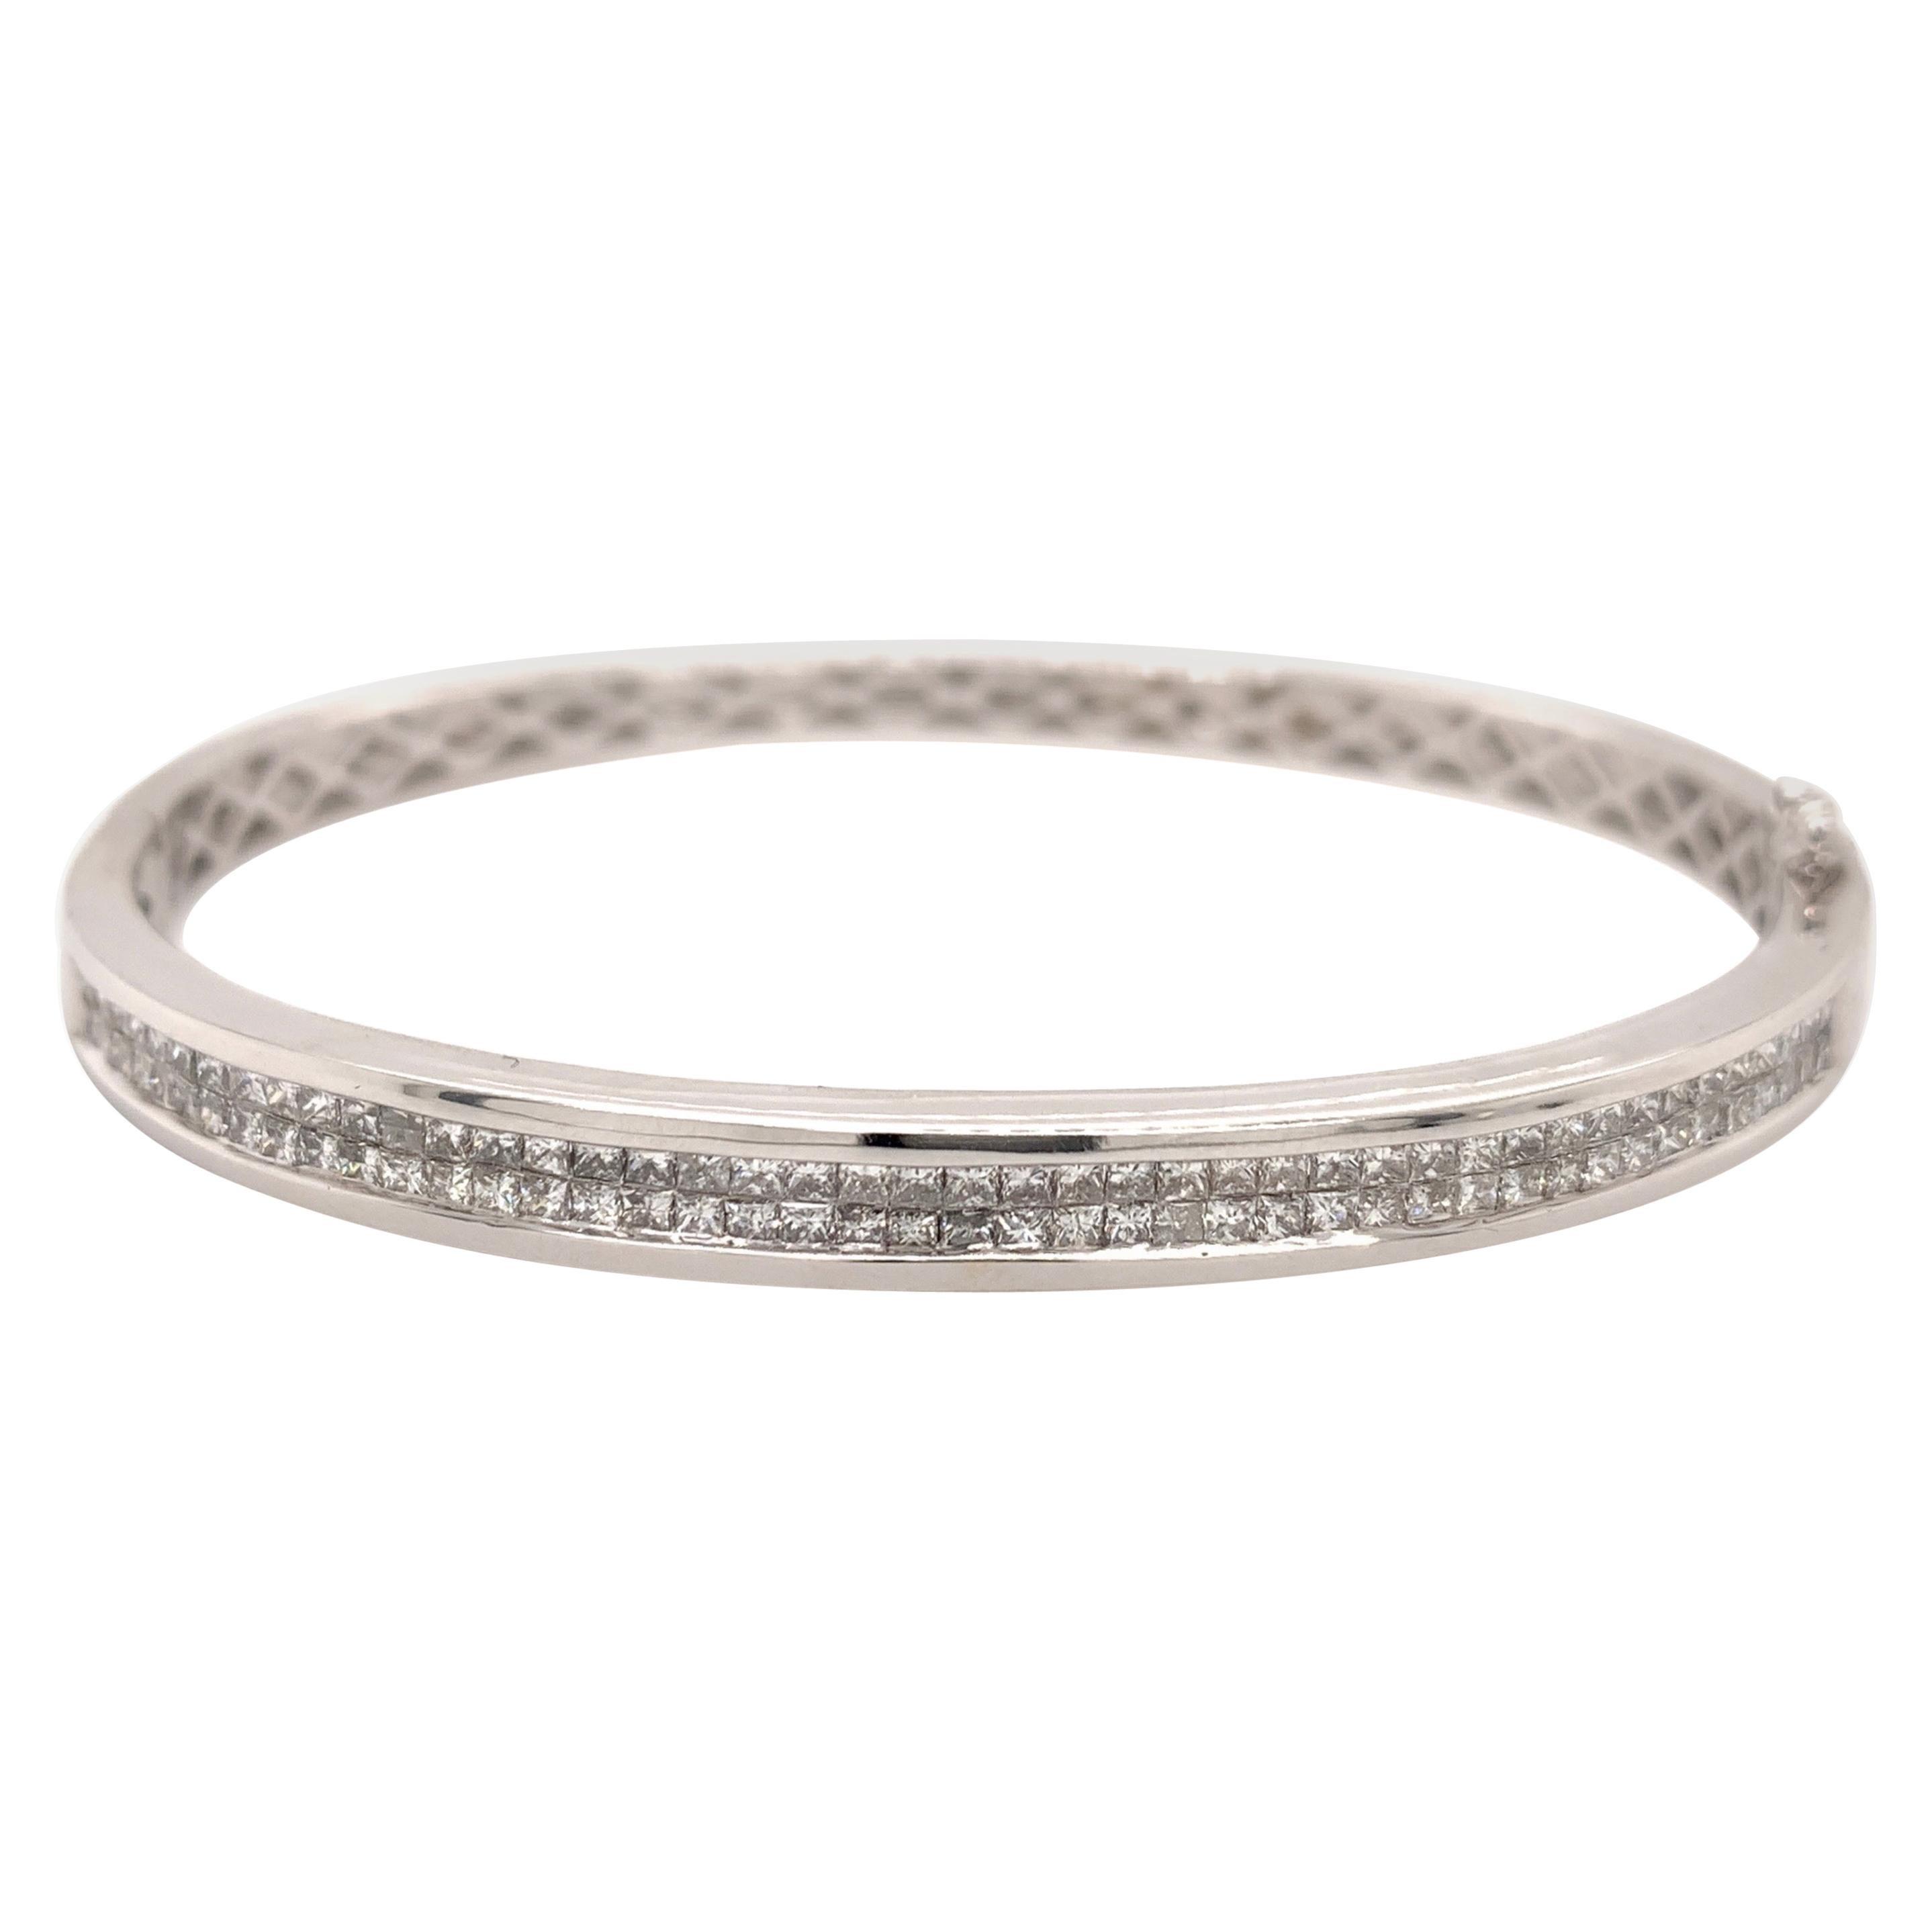 1.75 Carat Princes Cut Diamond Bangle Bracelet